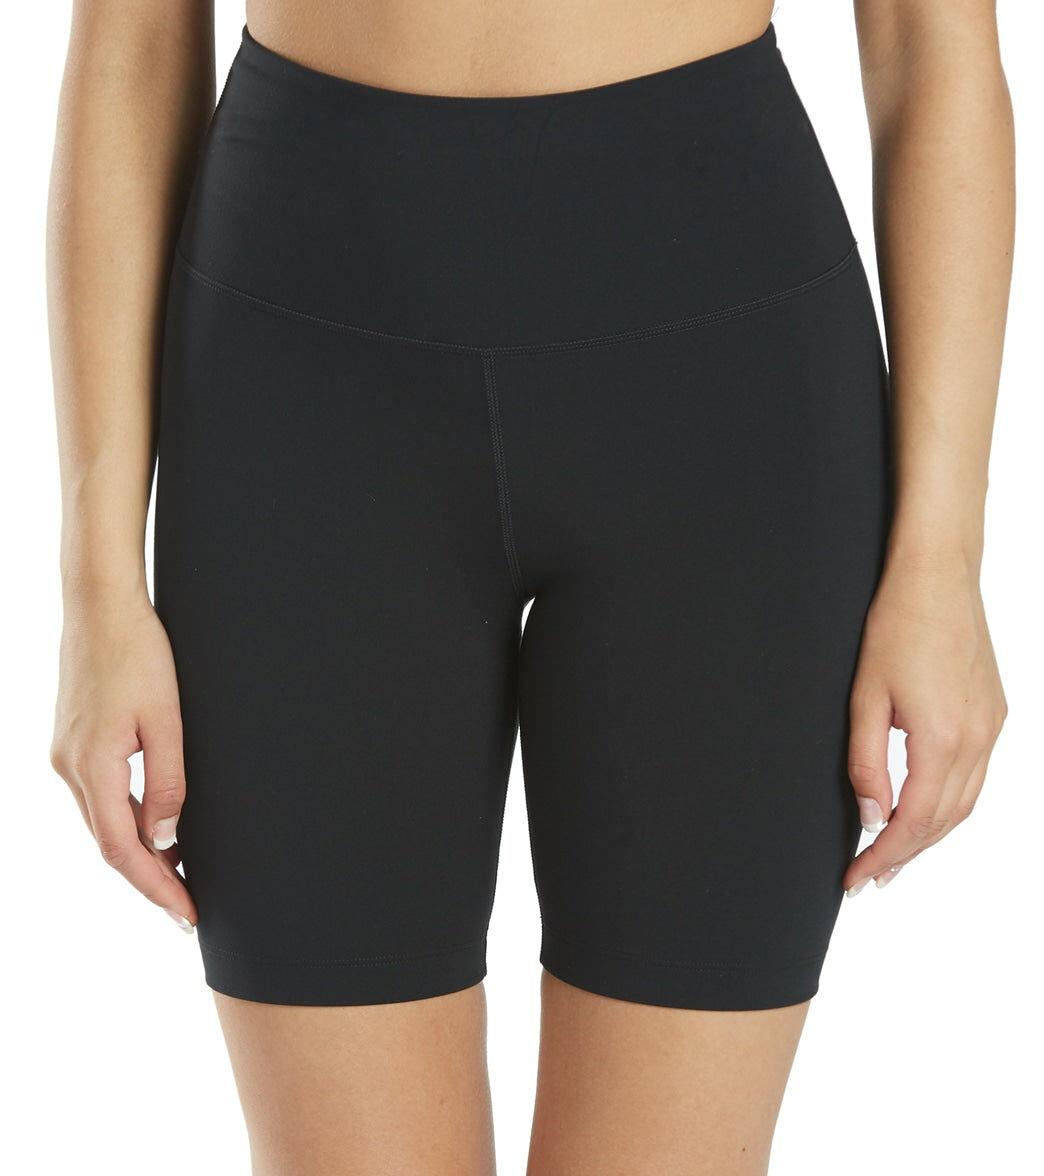 """Everyday Yoga Women's High Waisted 7"""" Bike Shorts - Black Large Spandex"""